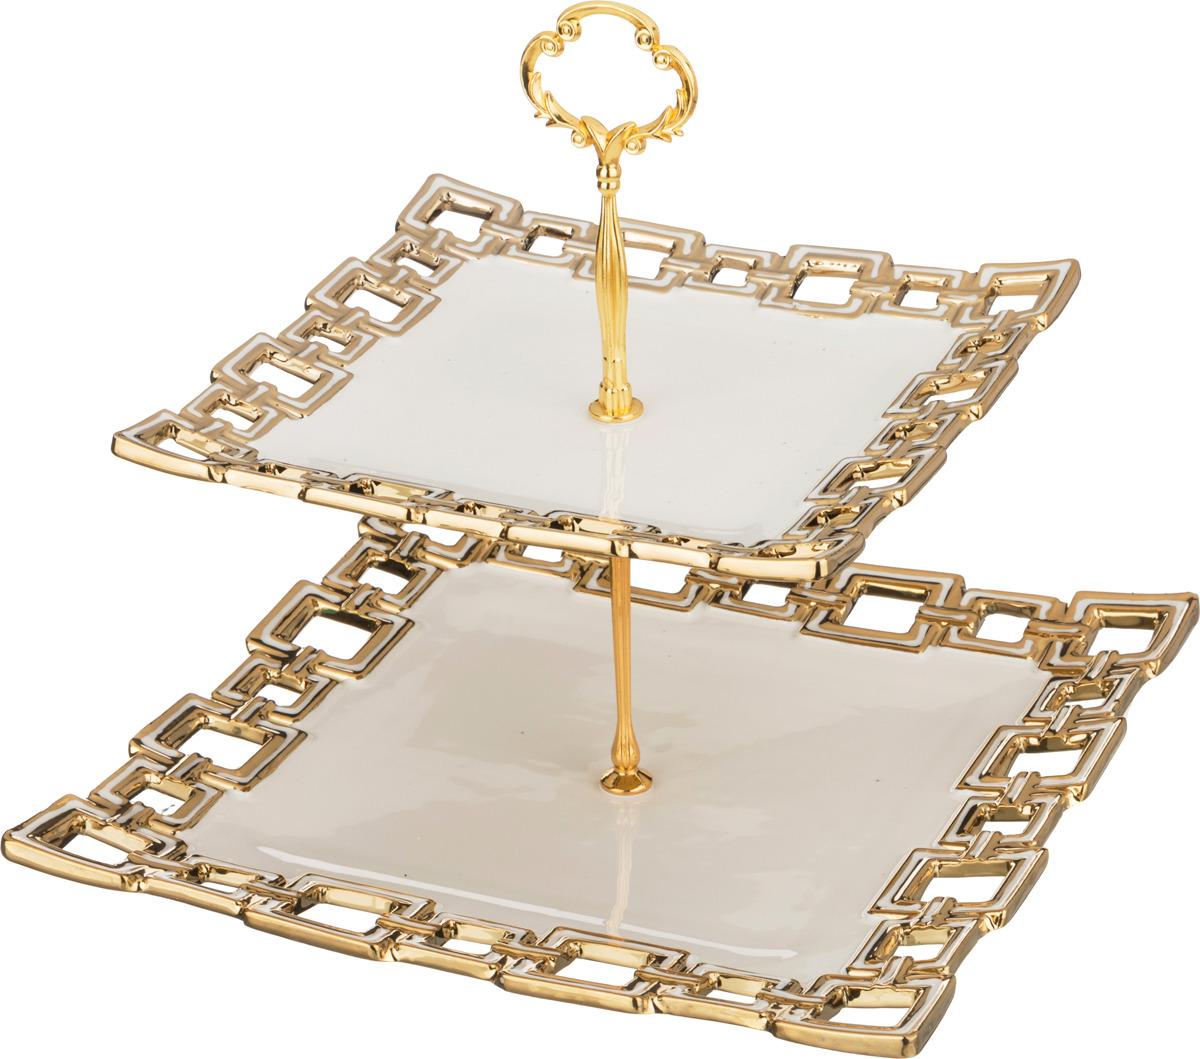 Фруктовница Lefard, двухъярусная, высота 25 см. SL15275 конфетница lefard голден 18х10 5х14см на ножке стекло